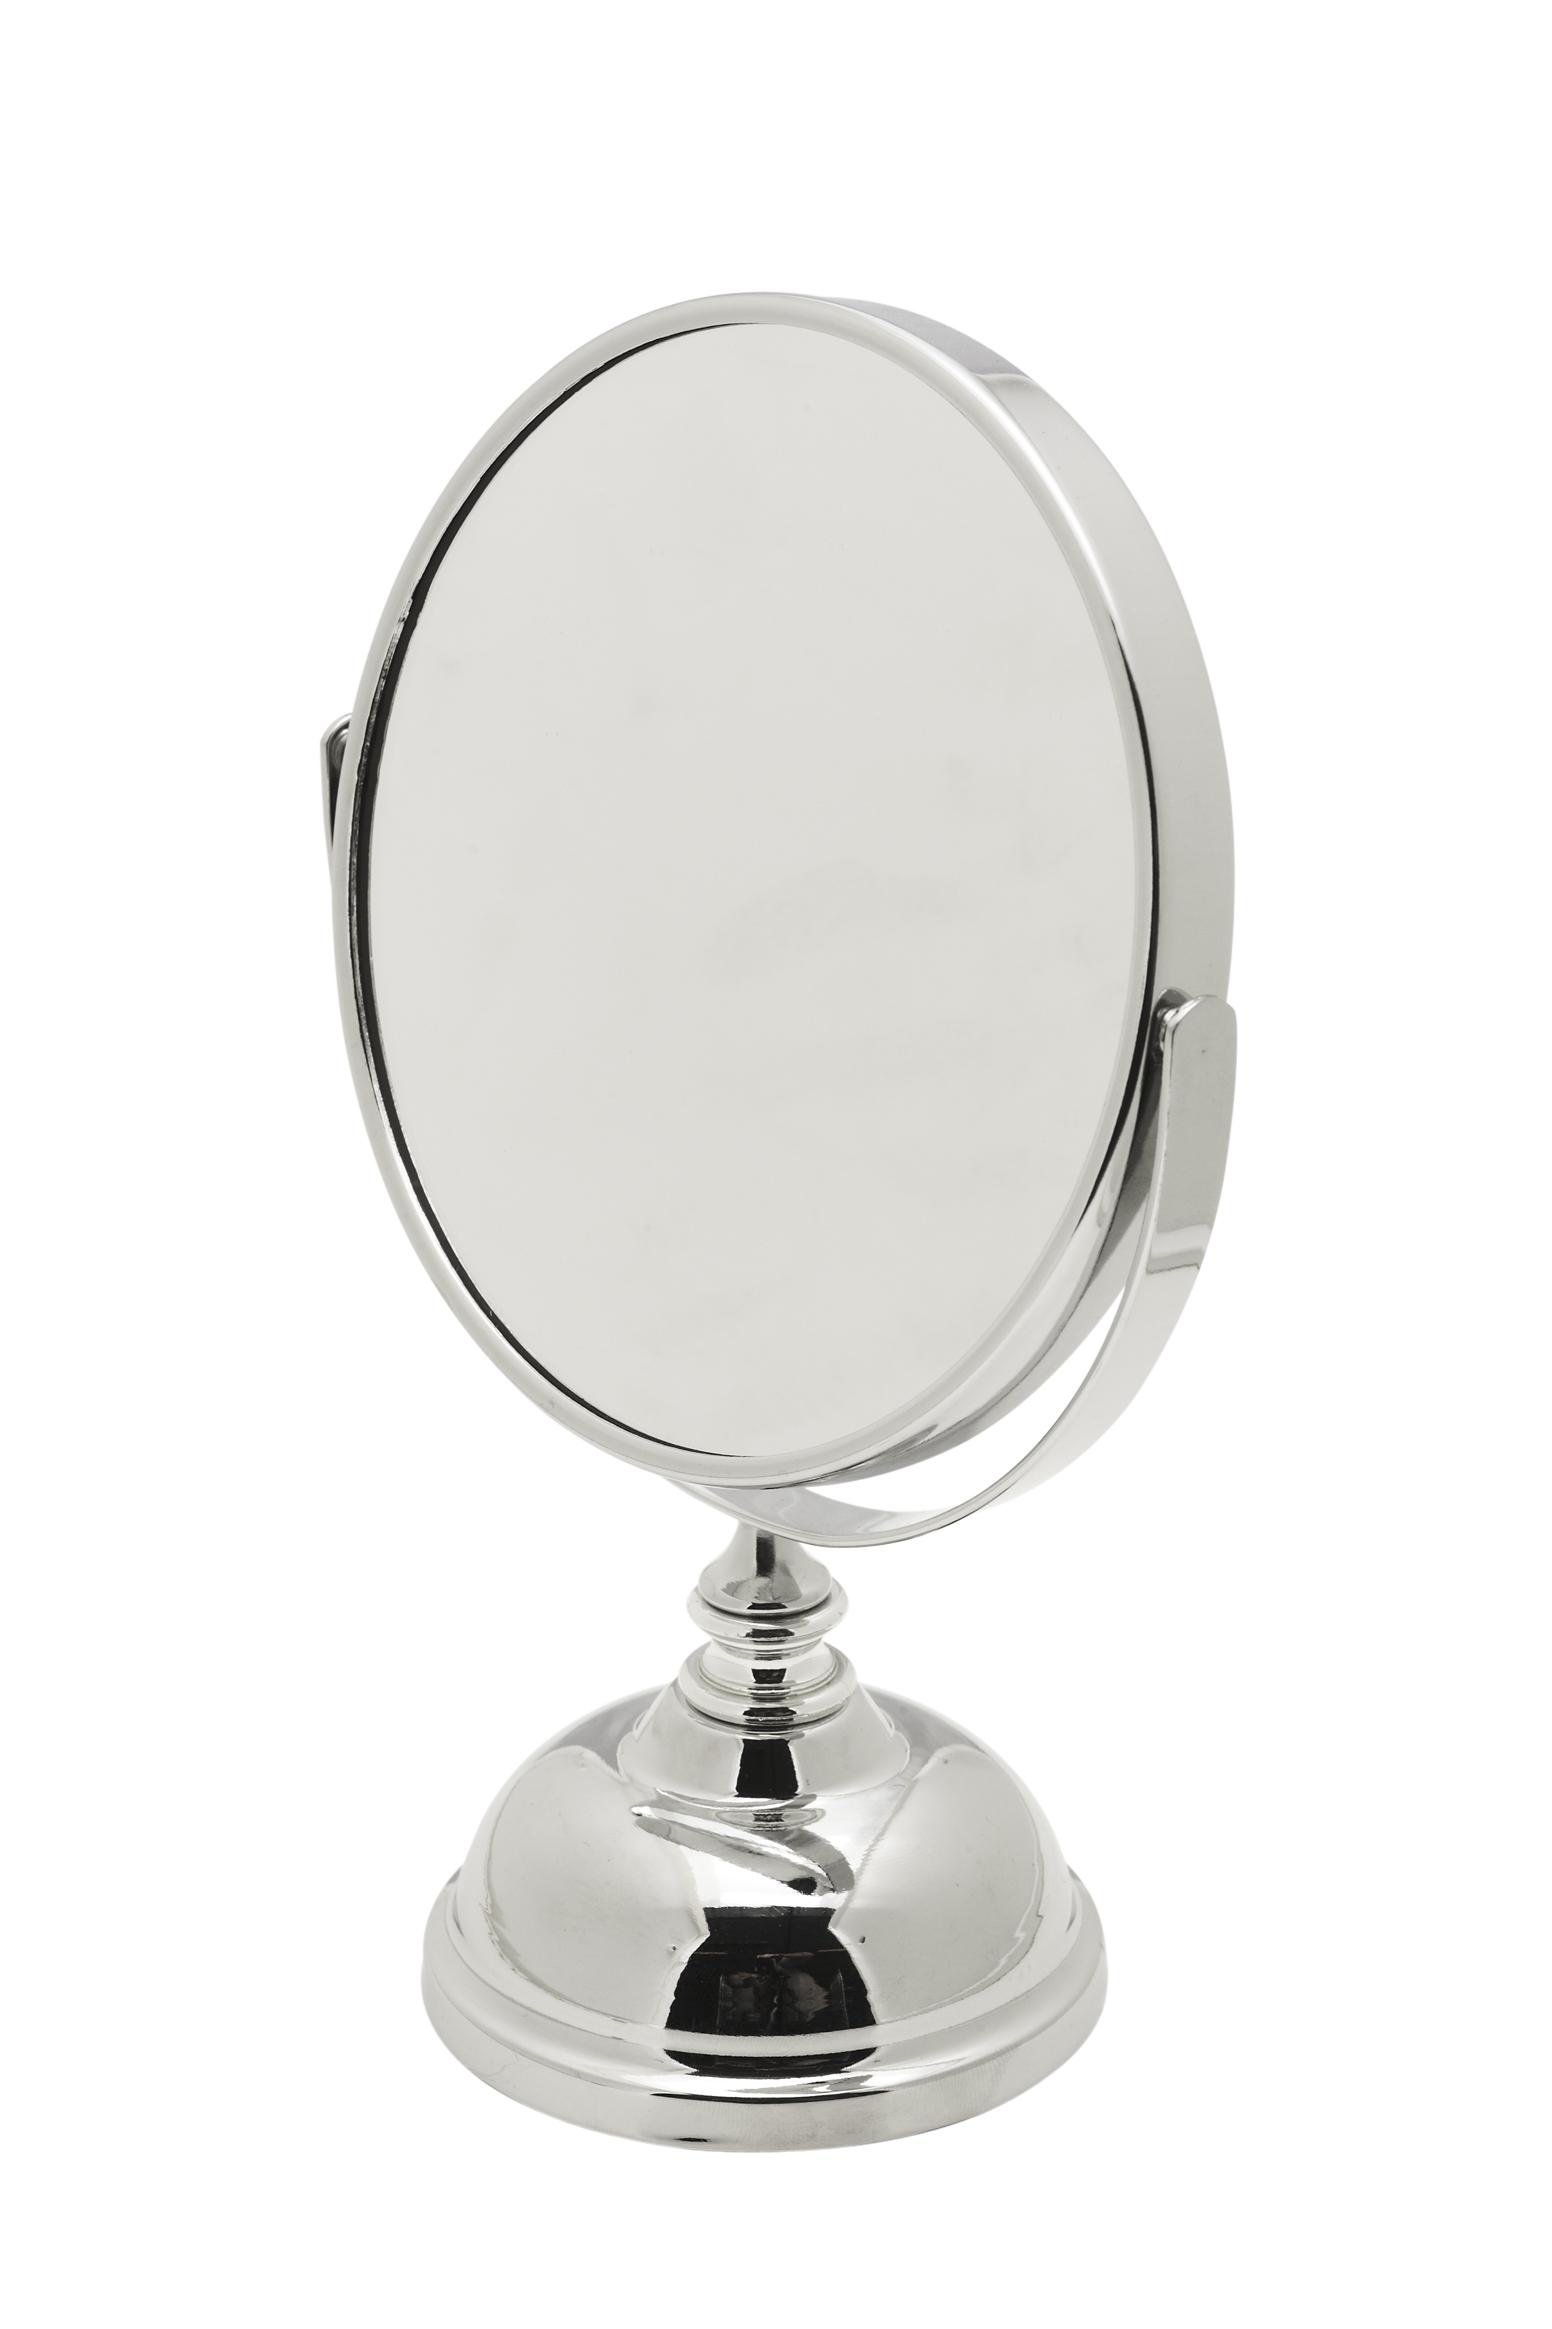 Specchio da appoggio in acciaio lene bjerre shop bottega delle idee - Specchio da appoggio ...